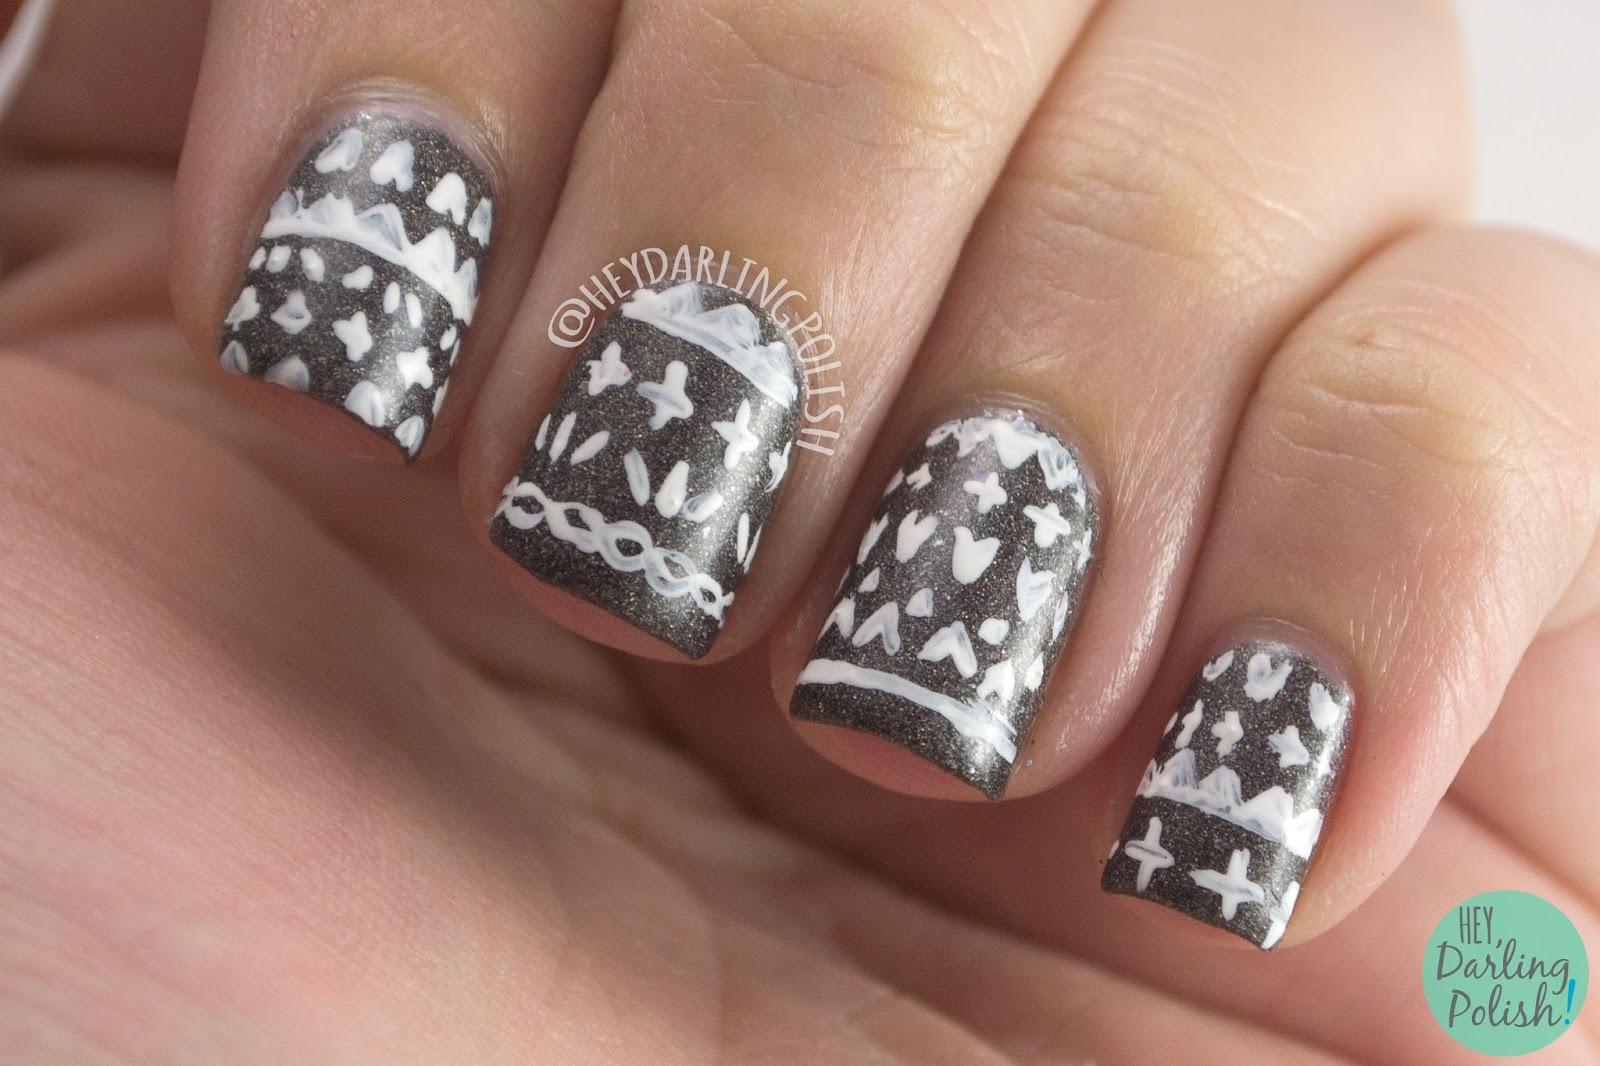 grey, dark charcoal grey, pattern, nails, nail art, nail polish, hey darling polish, black dahlia lacquer, indie polish